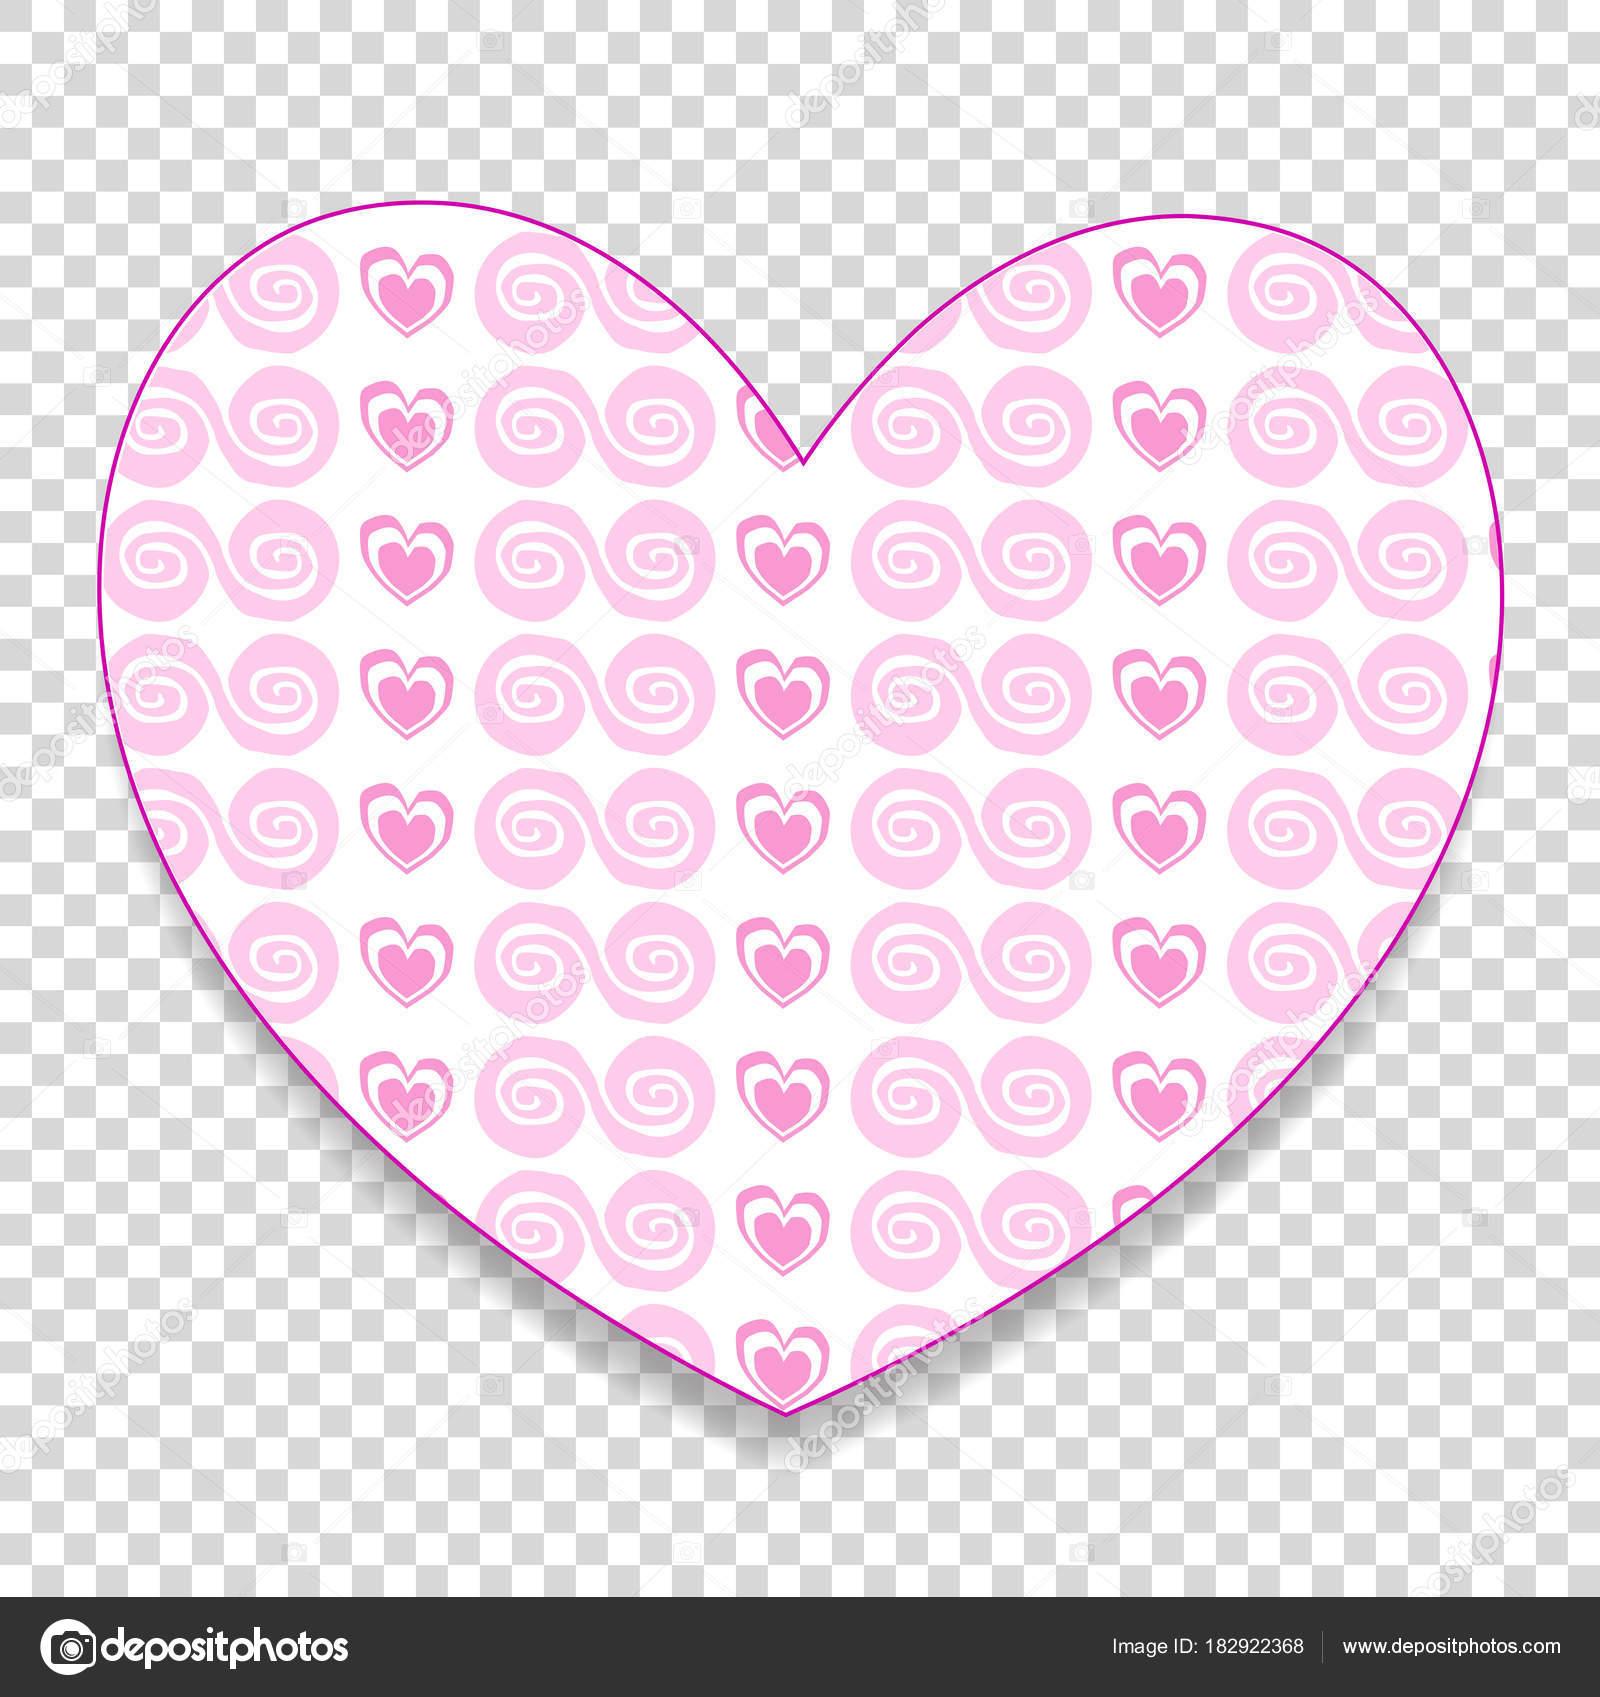 Süße große rosa Papier schneiden Herz Aufkleber mit kleinen Herzen ...